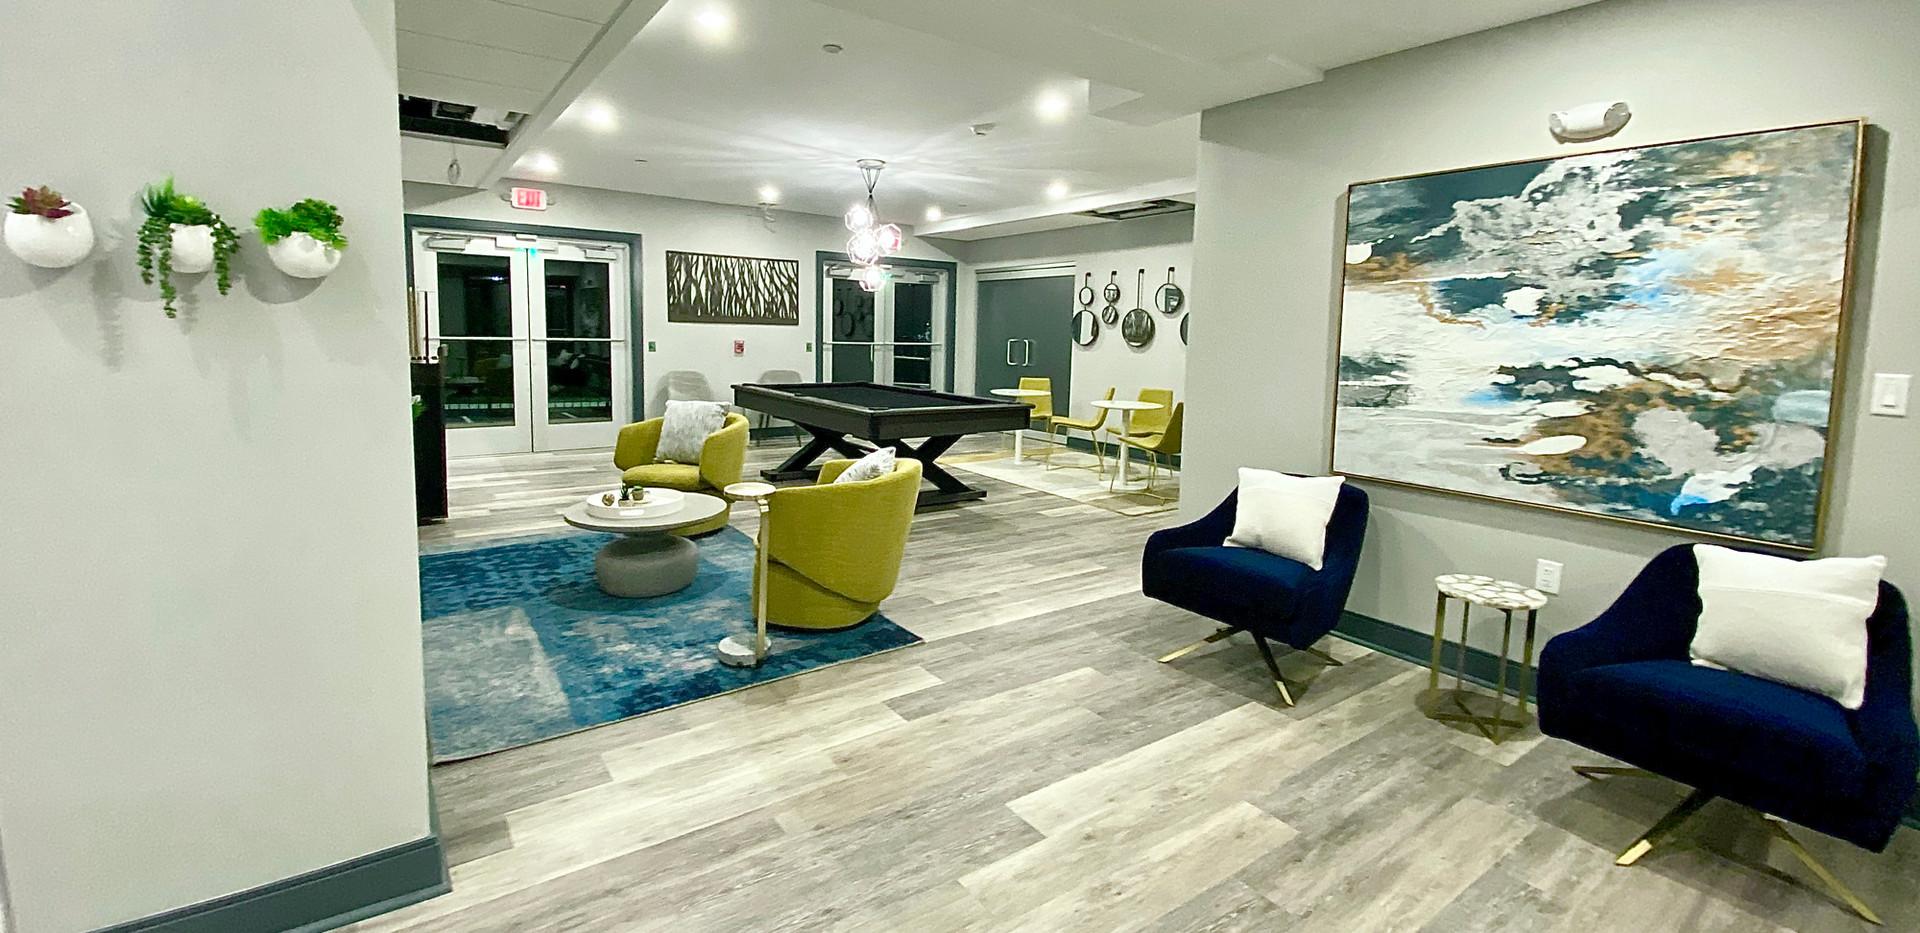 Lynnfield, MA Luxury Apartment Community